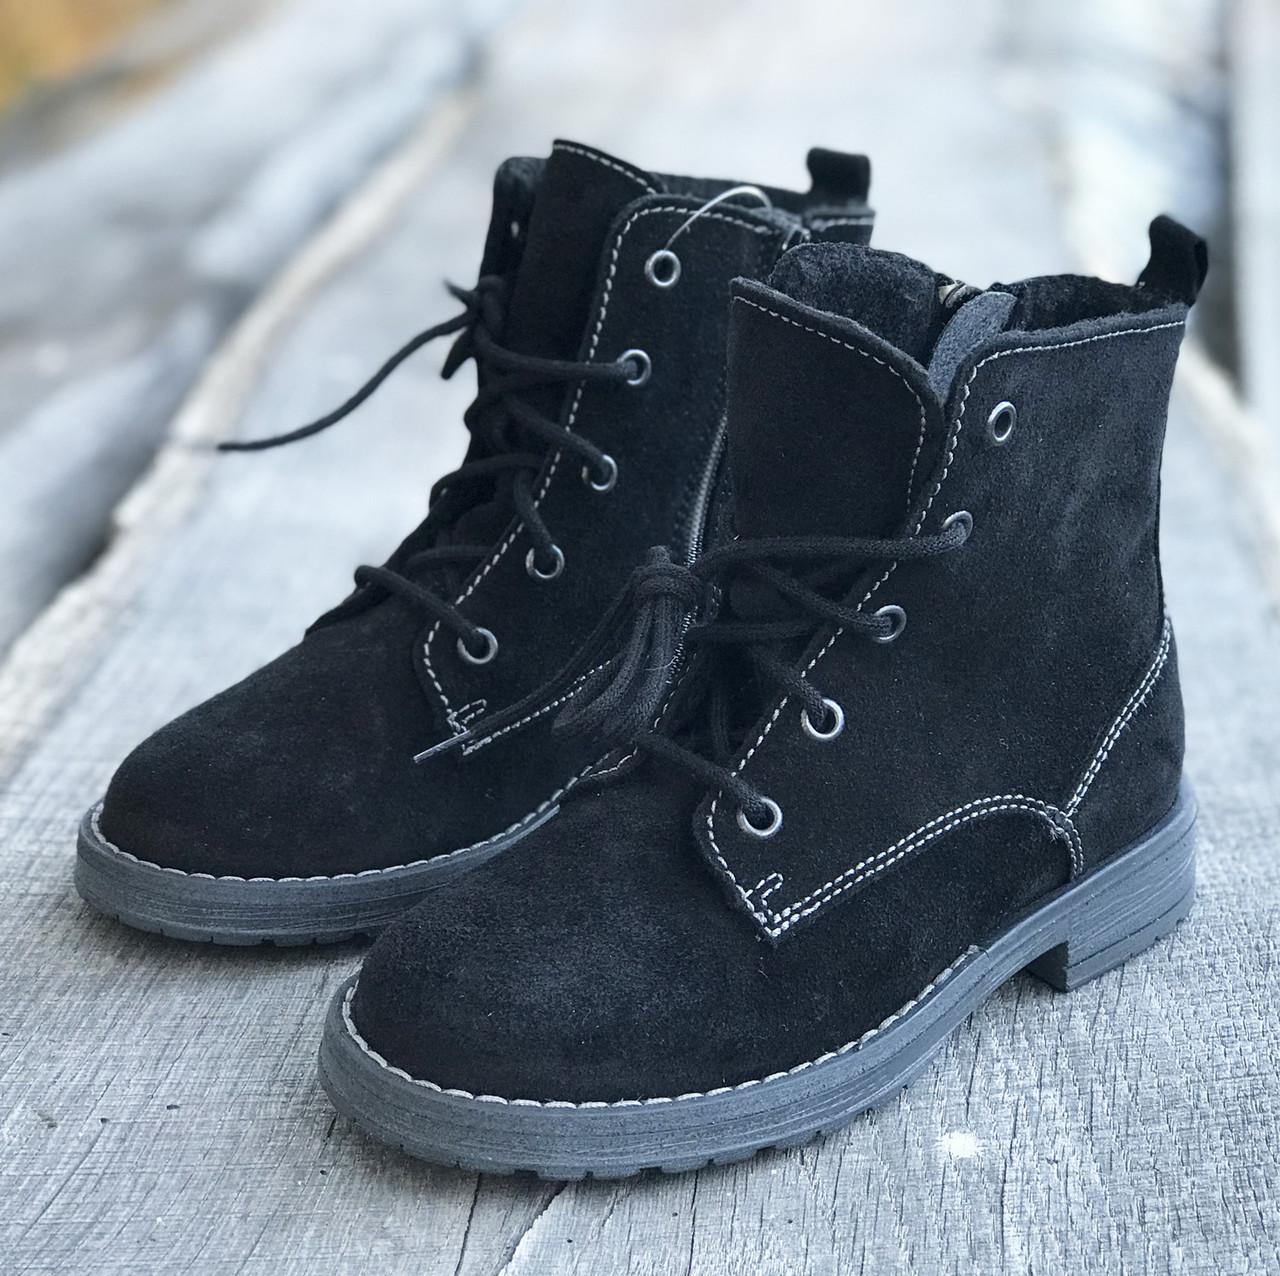 Утепленные ботинки Richter (Австрия) р 29 - Интернет-магазин брендовой  обуви ShoesLike в 764fe4a6cb6b4